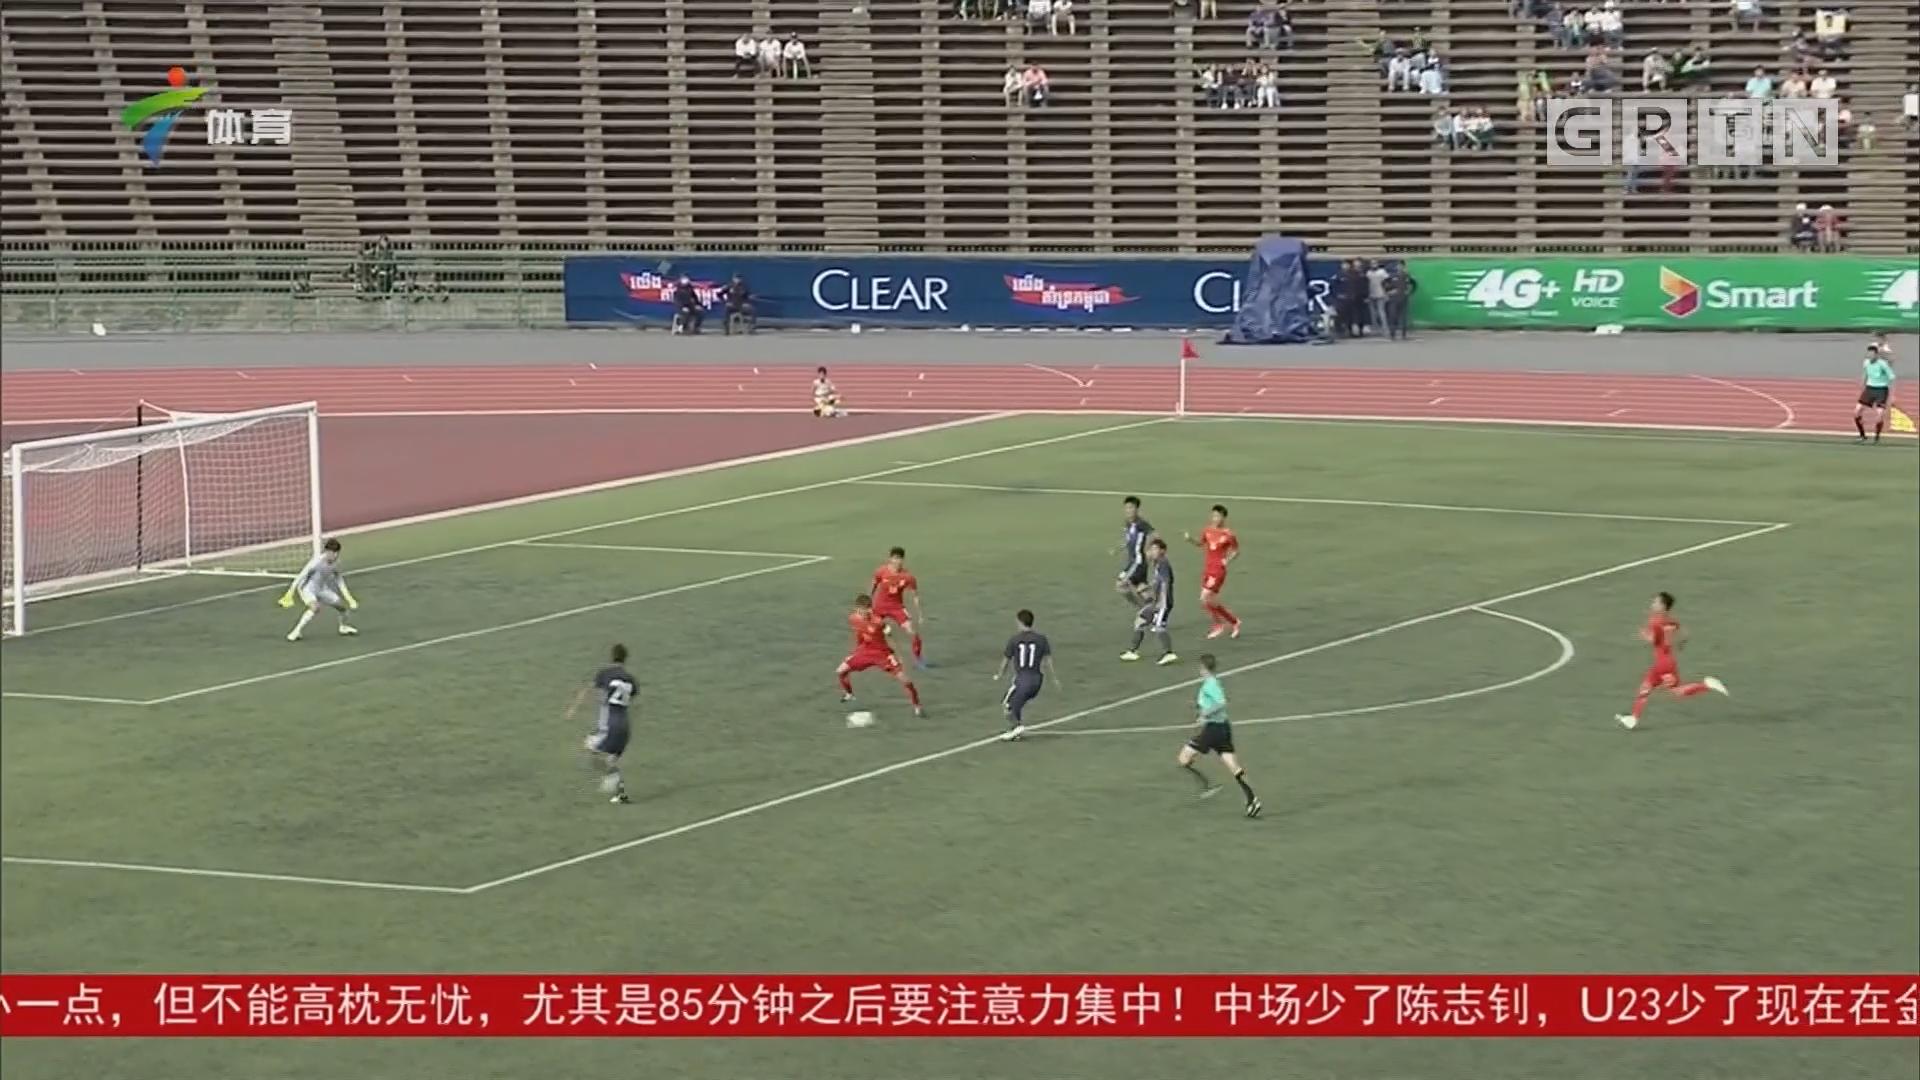 韦世豪一射一传 中国队U23战胜日本队U23